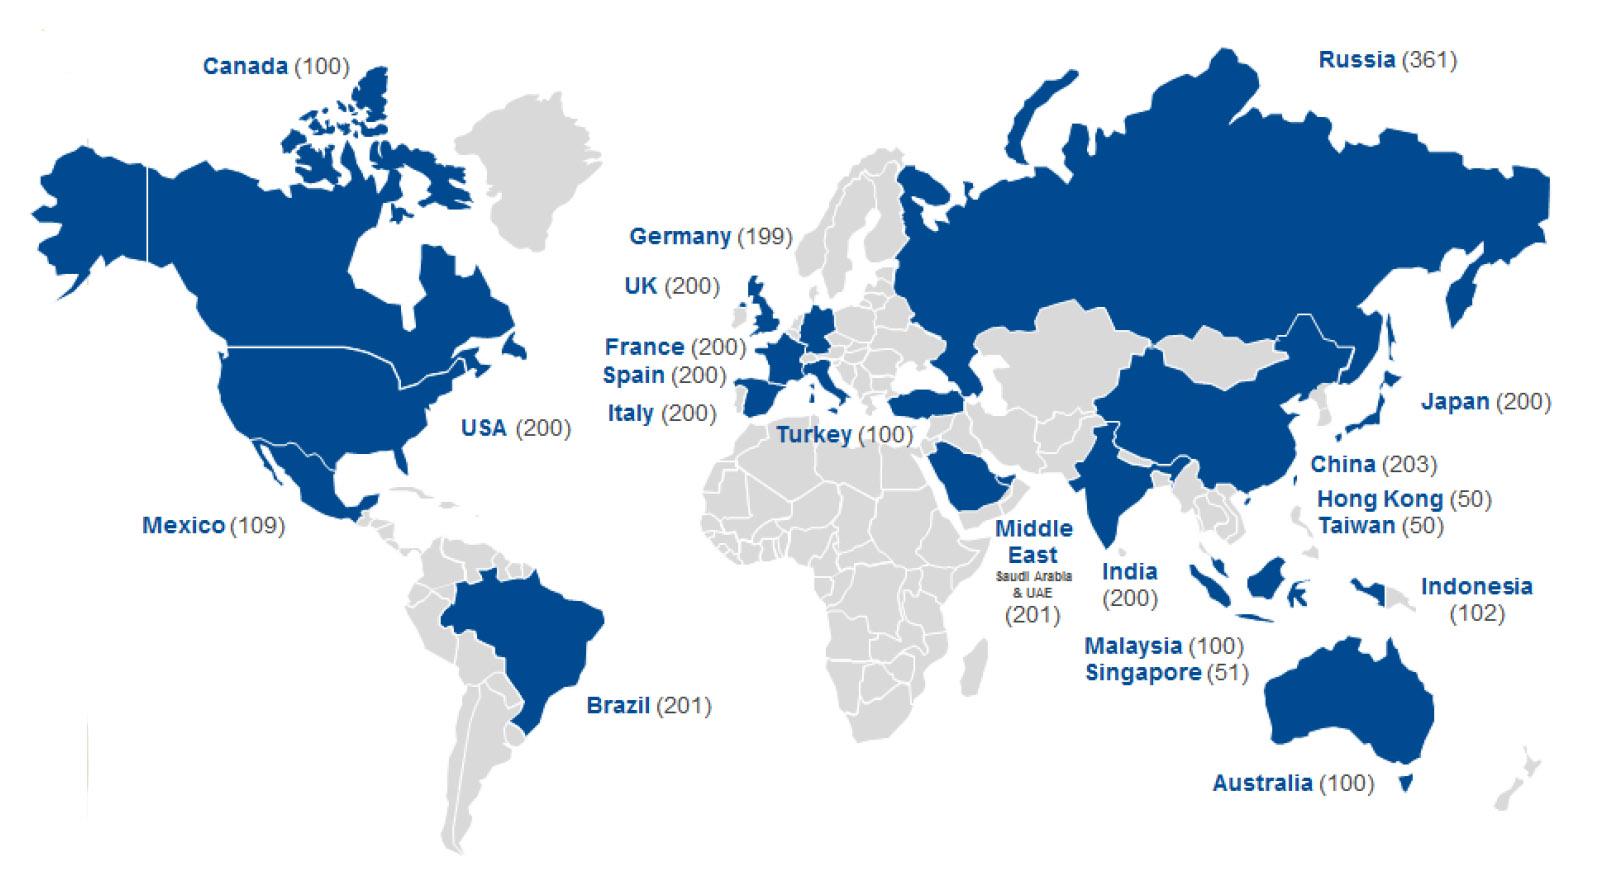 Mapa pokazuje koje su zemlje obihvaćene istraživanjem